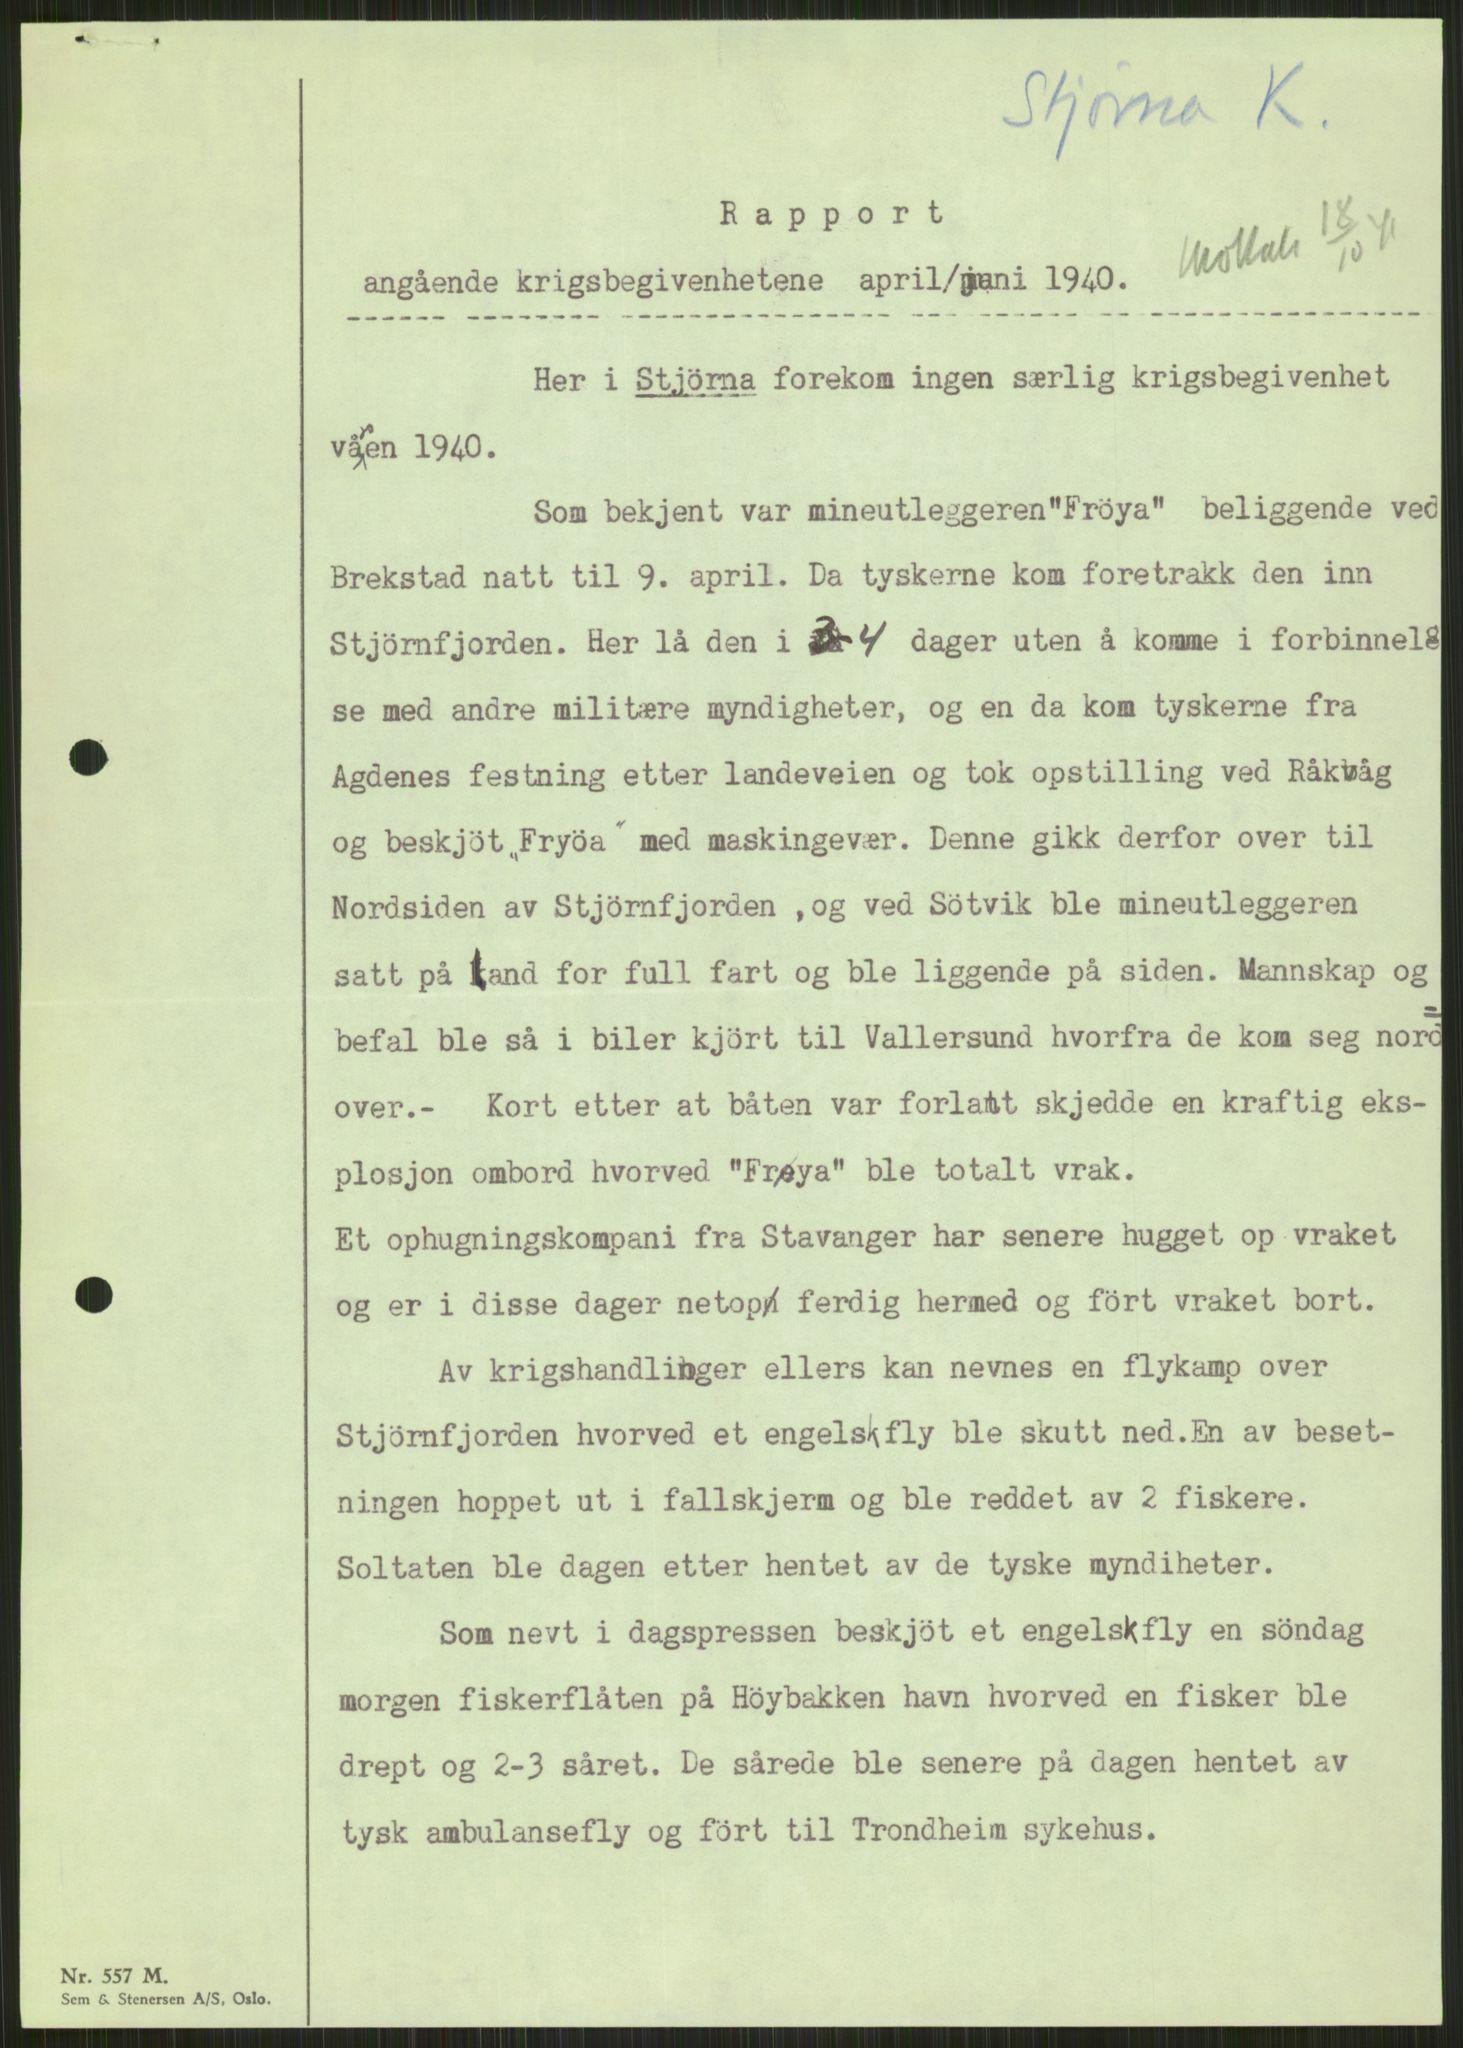 RA, Forsvaret, Forsvarets krigshistoriske avdeling, Y/Ya/L0016: II-C-11-31 - Fylkesmenn.  Rapporter om krigsbegivenhetene 1940., 1940, s. 27